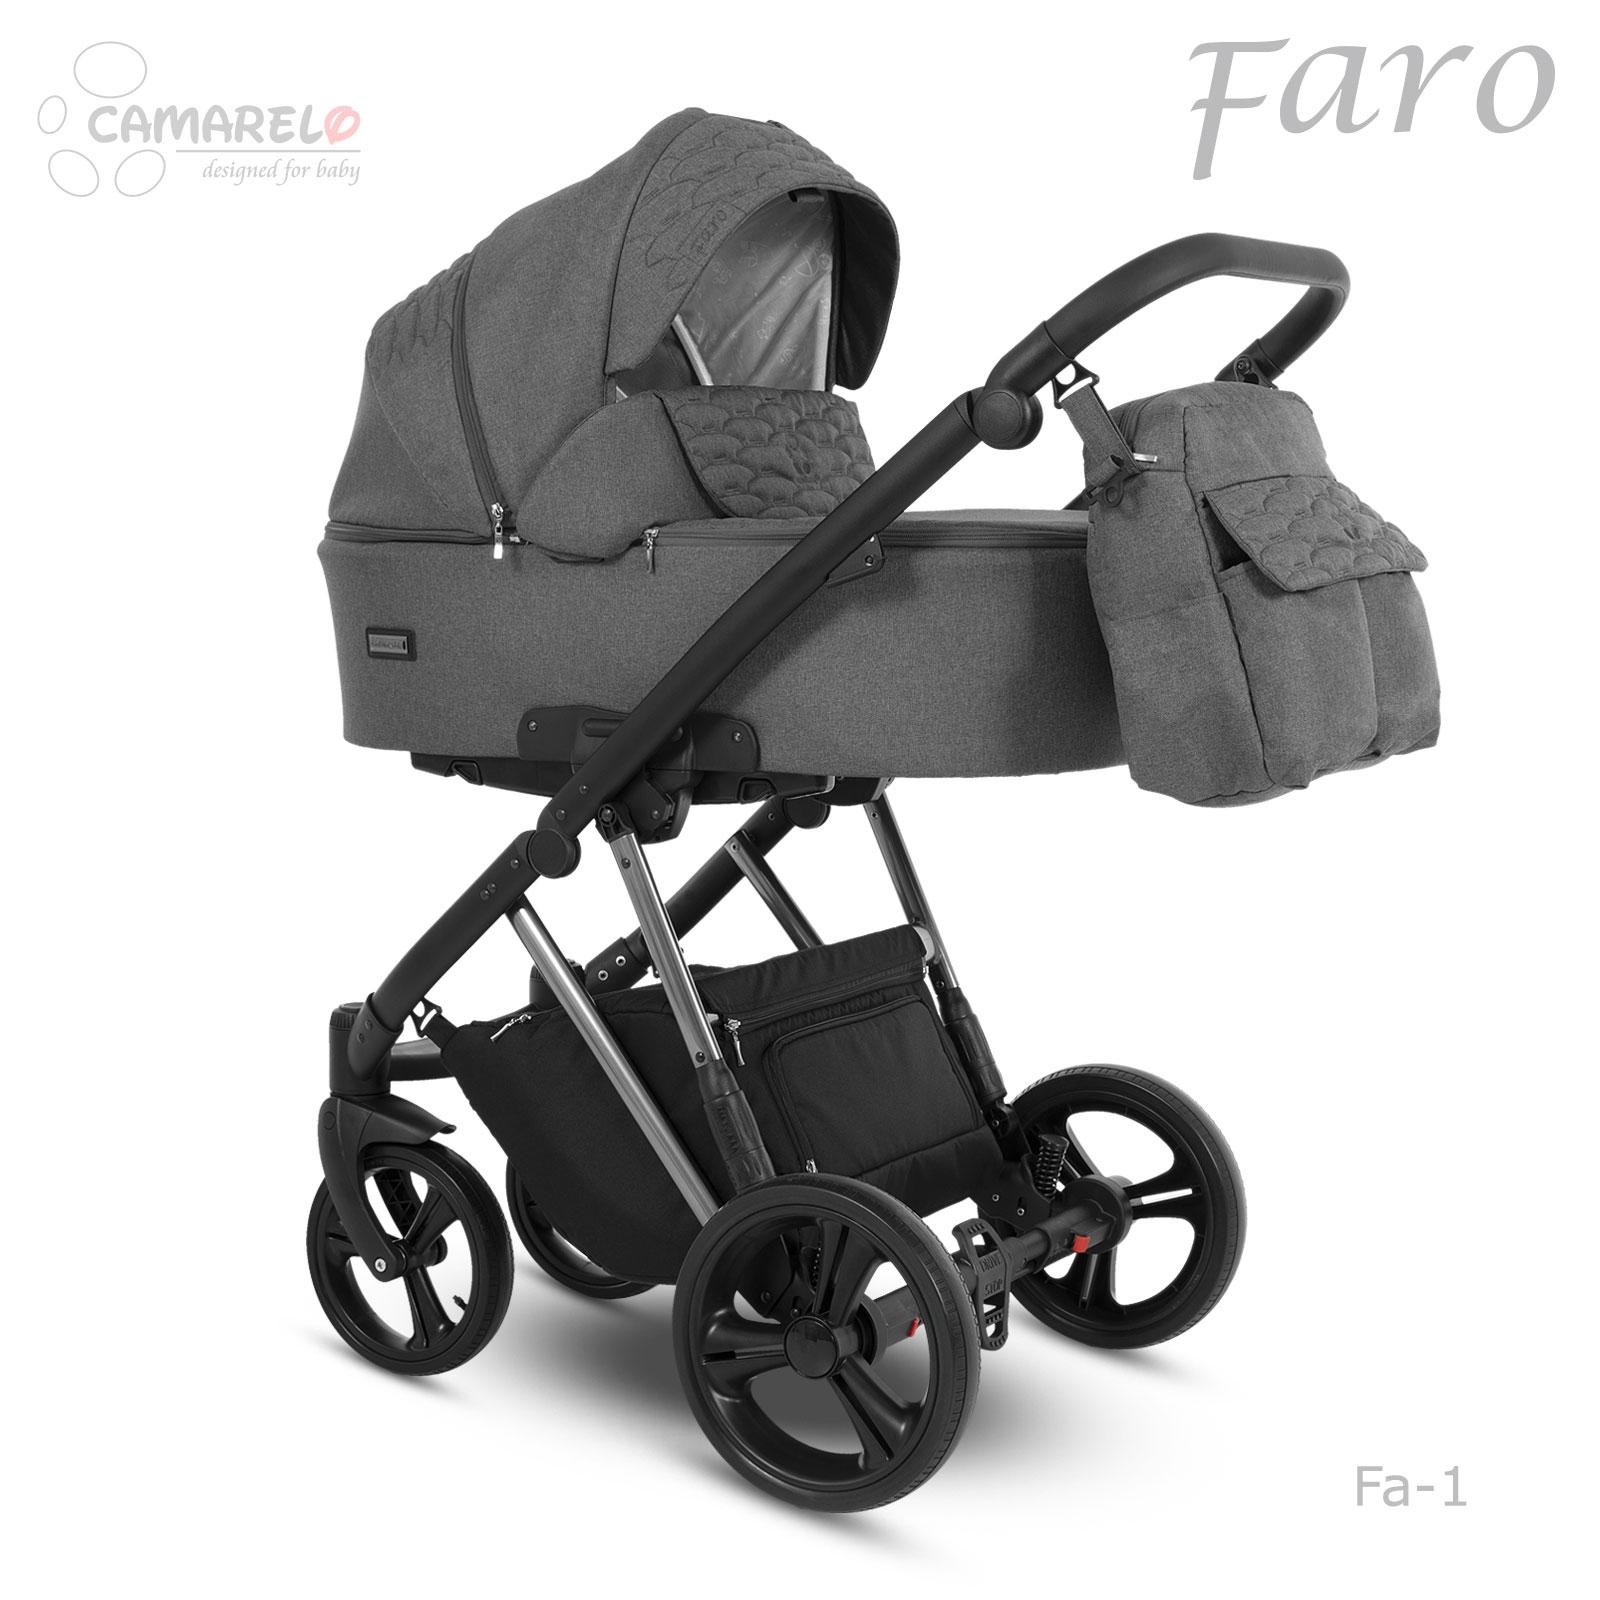 Carucior copii 3 in 1 Faro Camarelo Fa-1